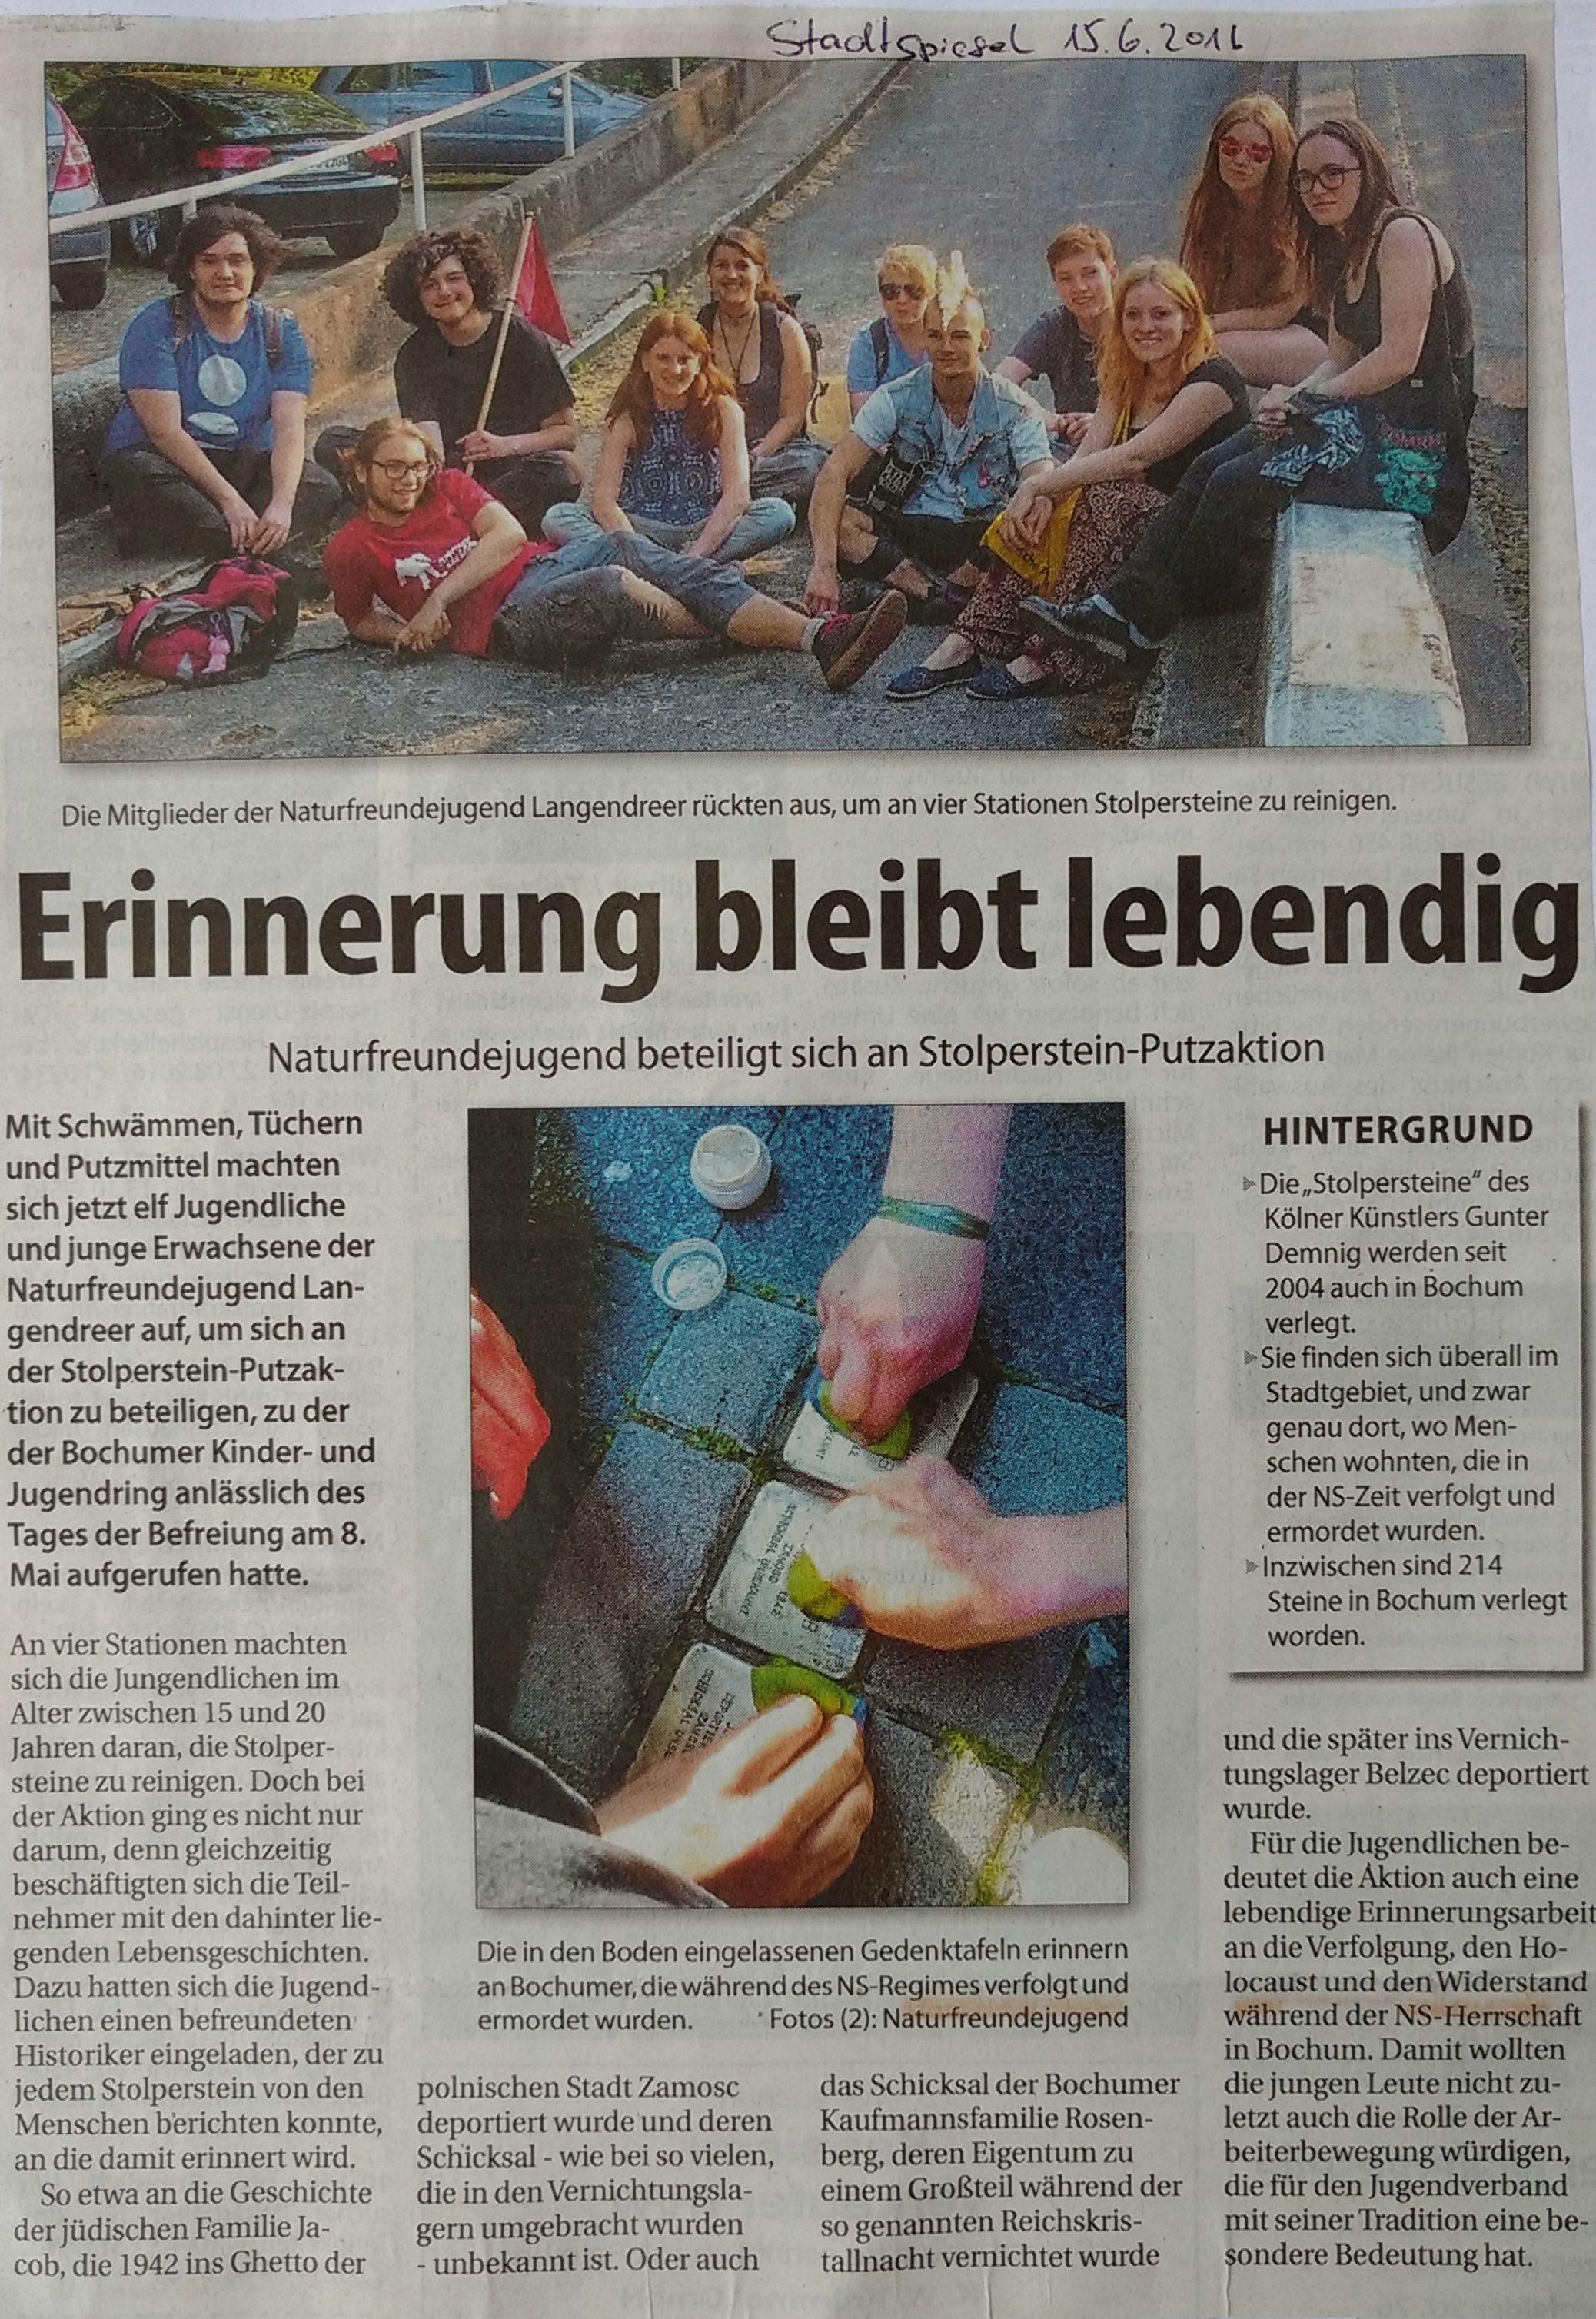 Stolperstein-Aktion_Stadtspiegel 13.06.2016